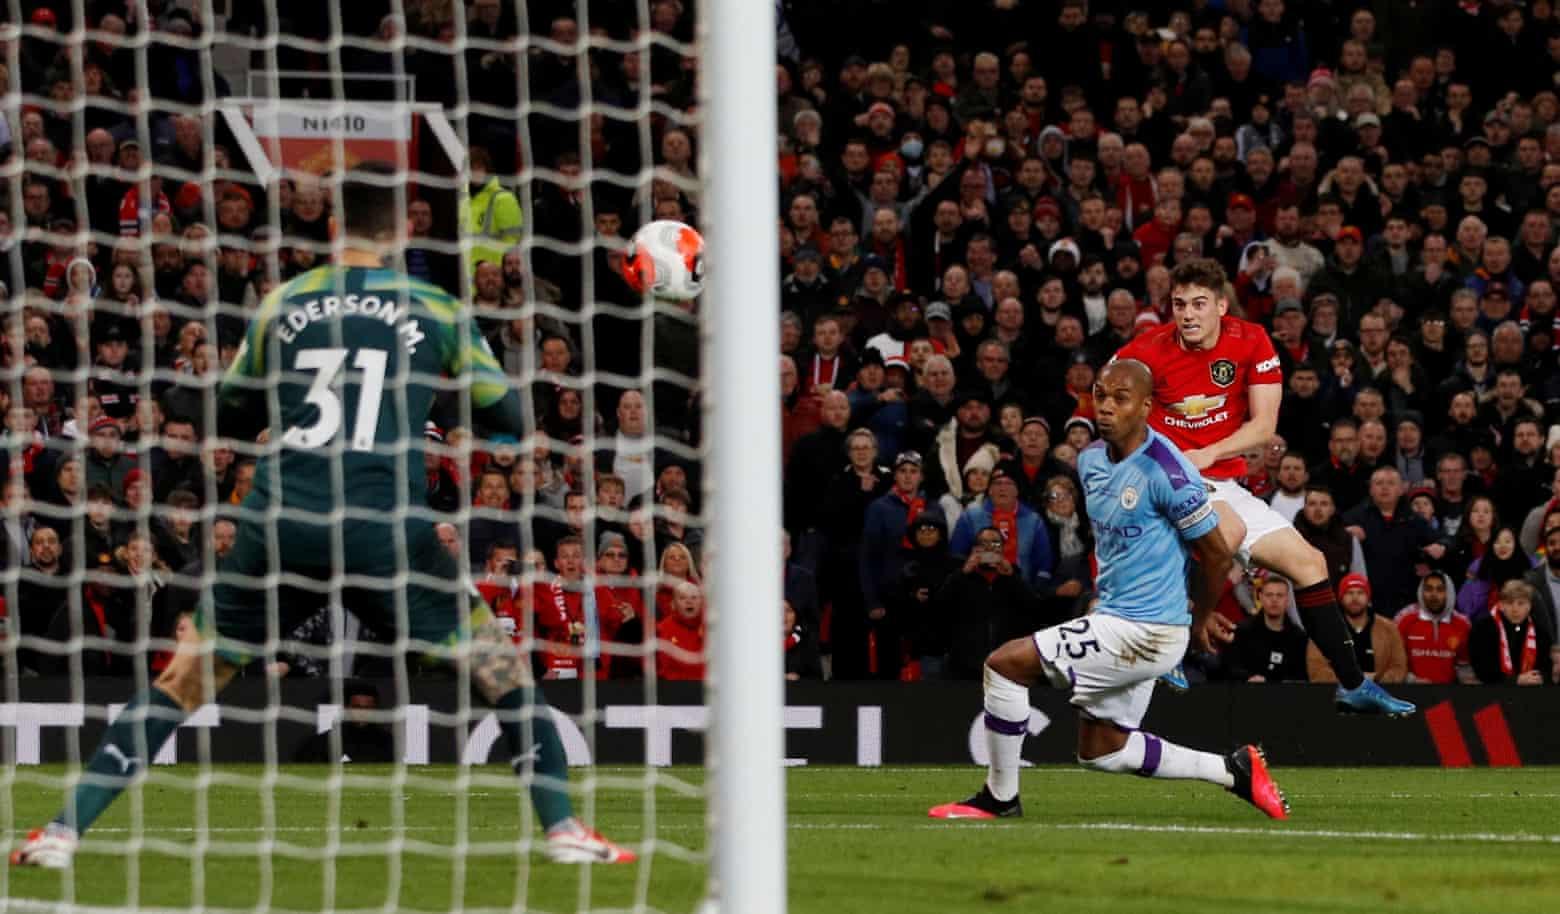 Nỗi sợ hãi thất bại, theo Solskjaer, là động lực giúp Man Utd của ông tiến bộ ở Ngoại hạng Anh hai năm qua. Ảnh: Reuters